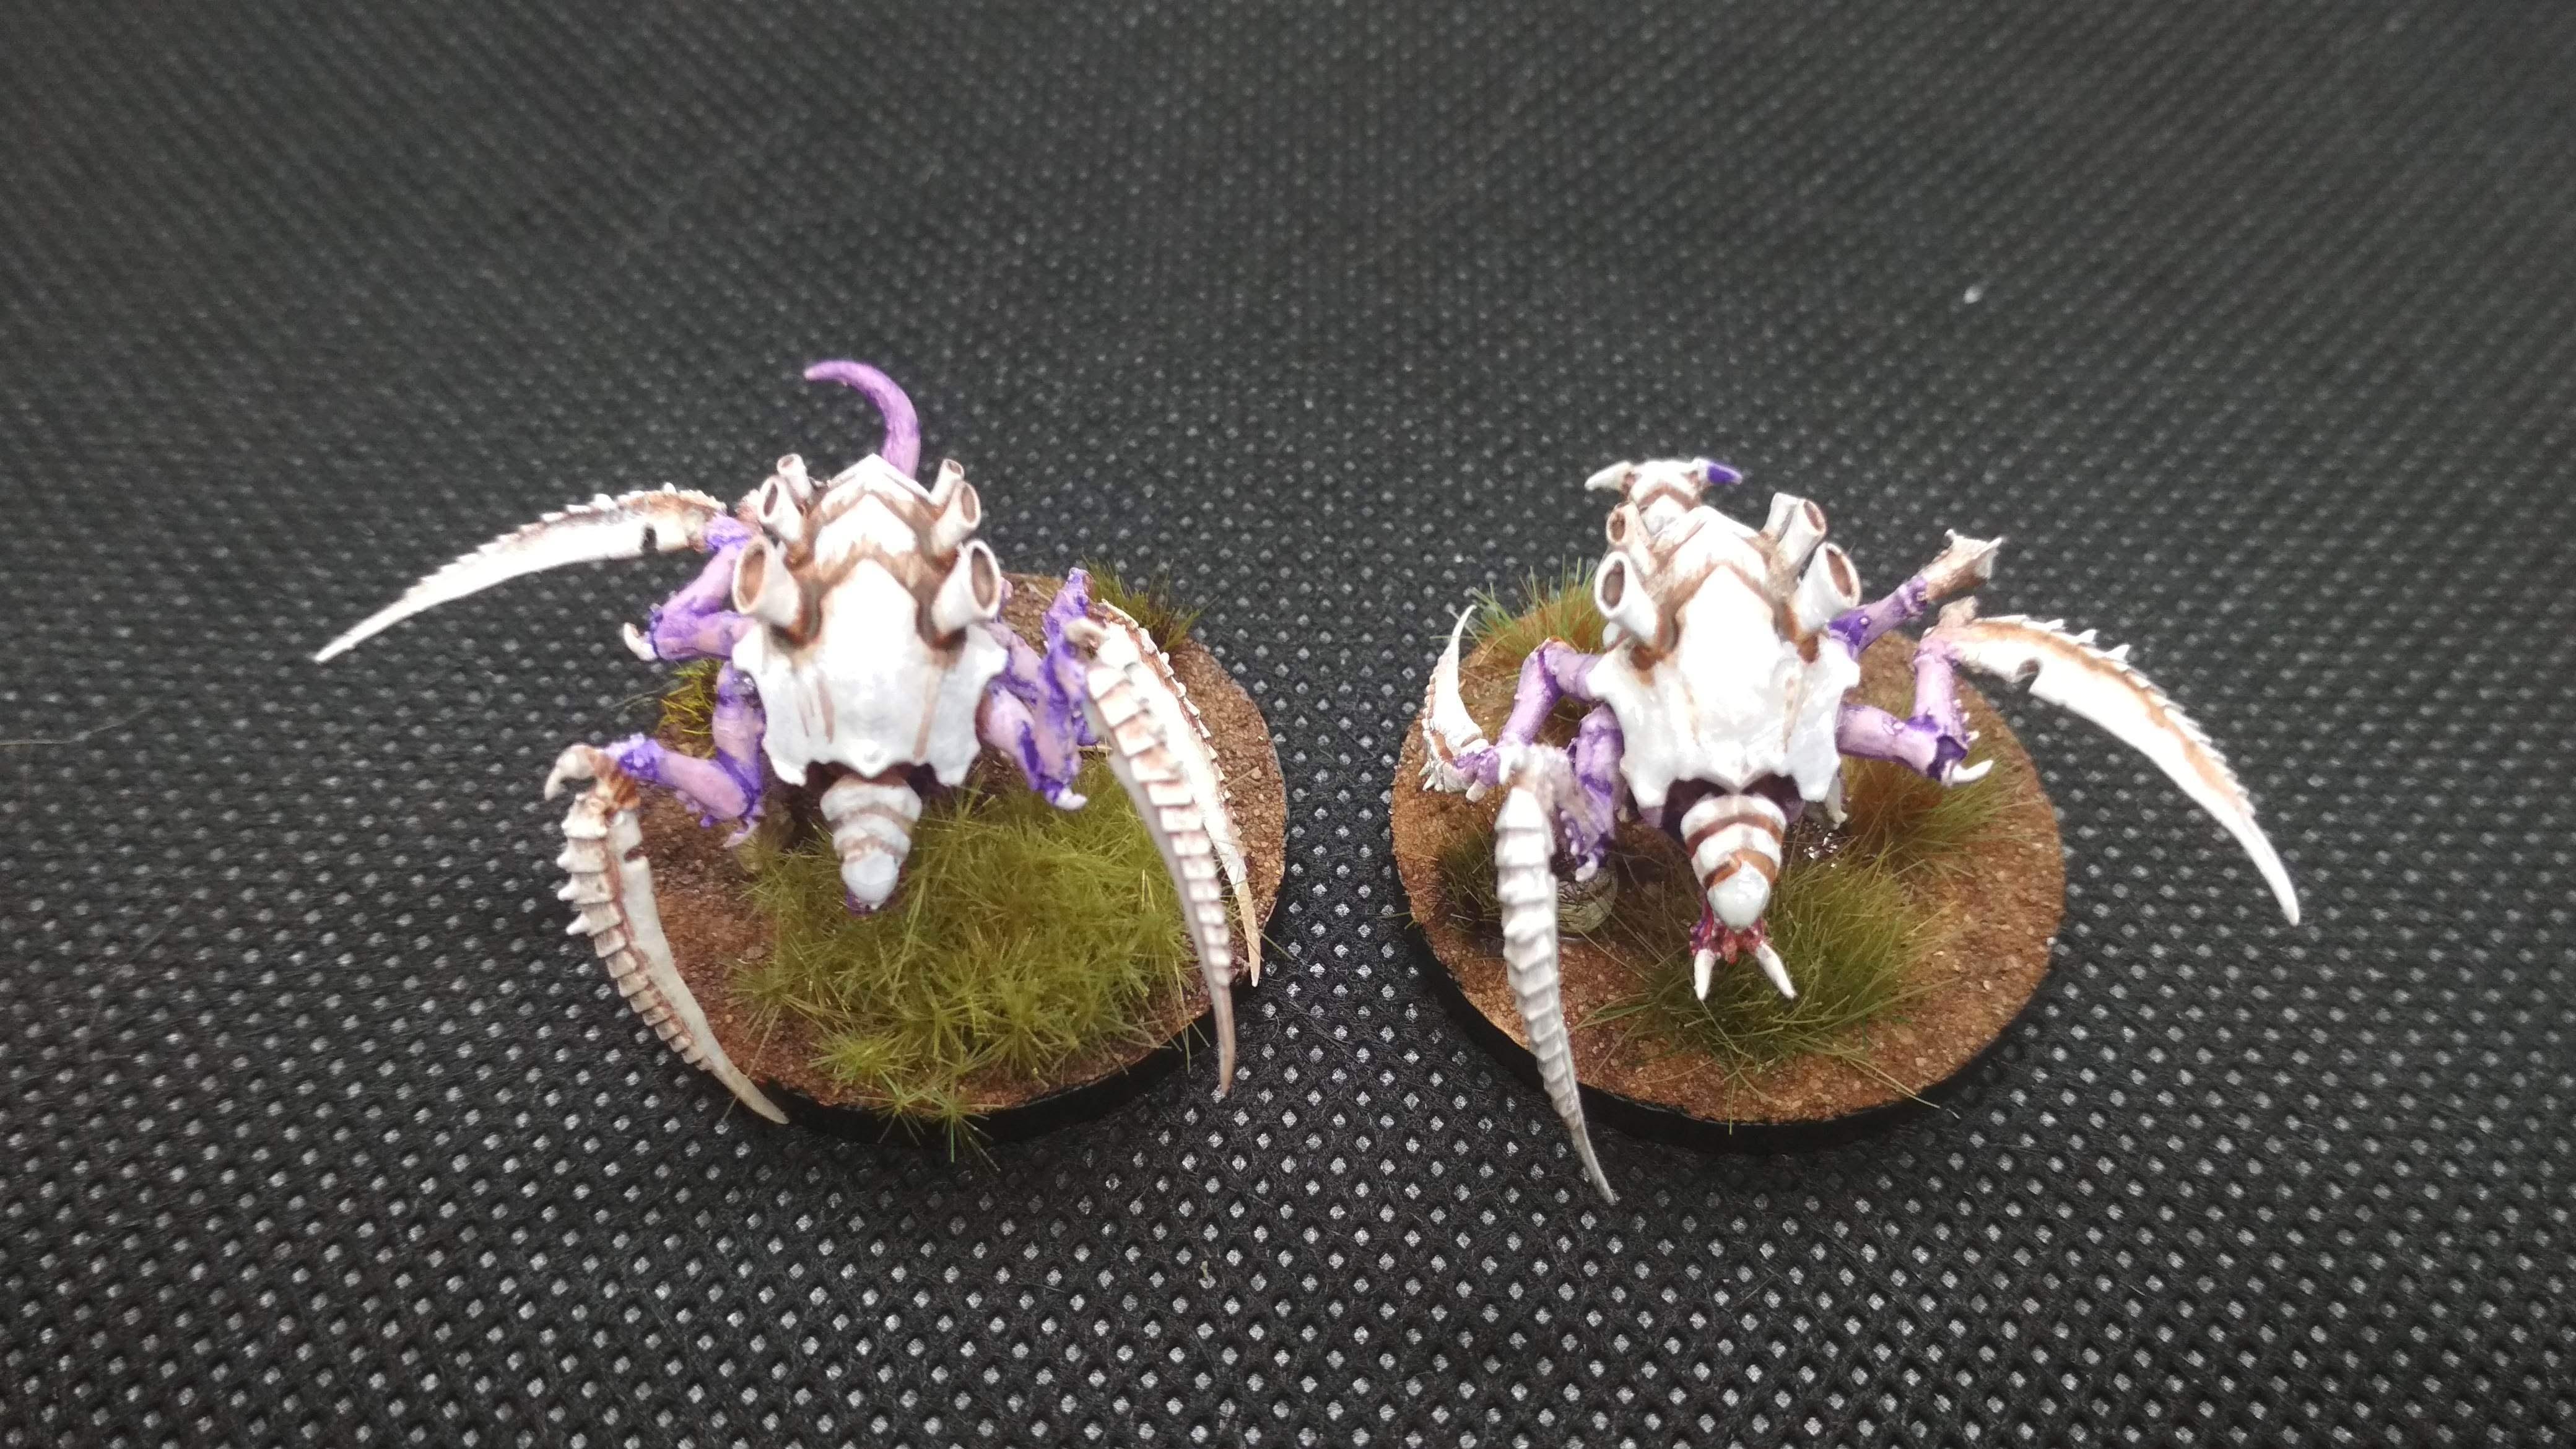 Epic armageddon carnifex swarm